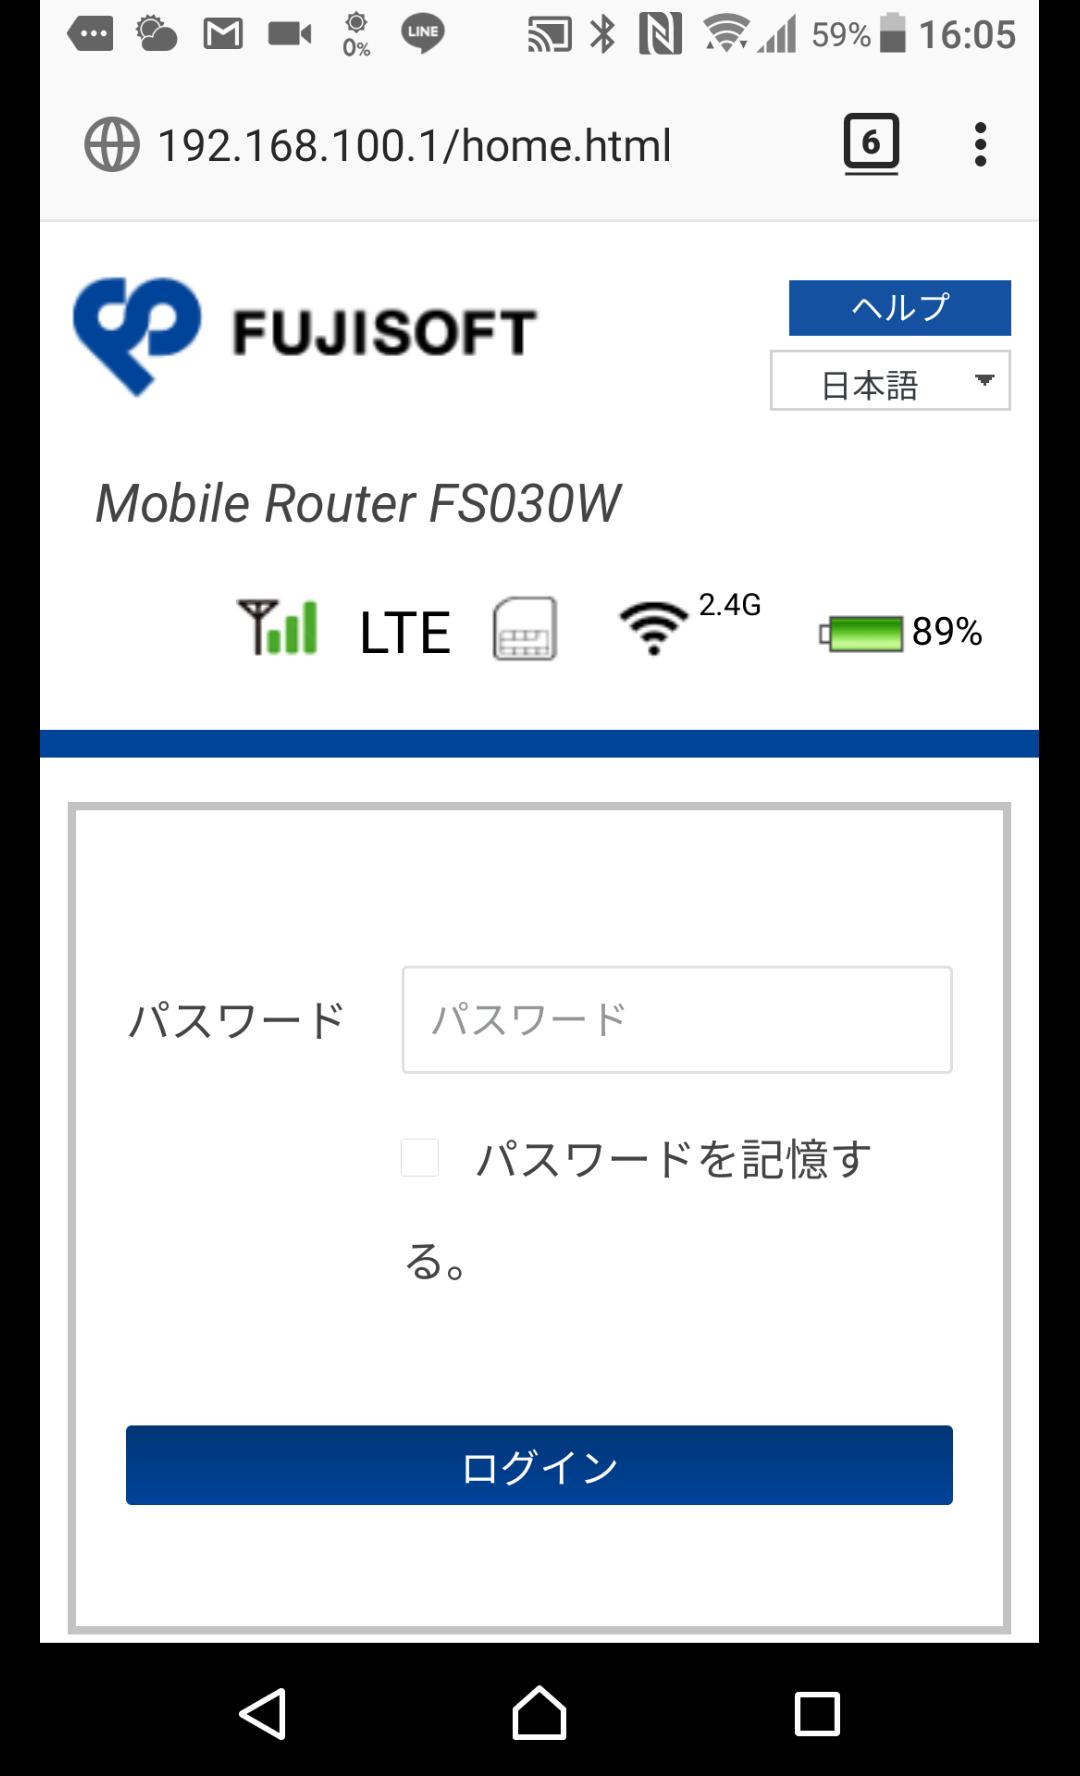 富士ソフトFS030W管理画面スマートフォン